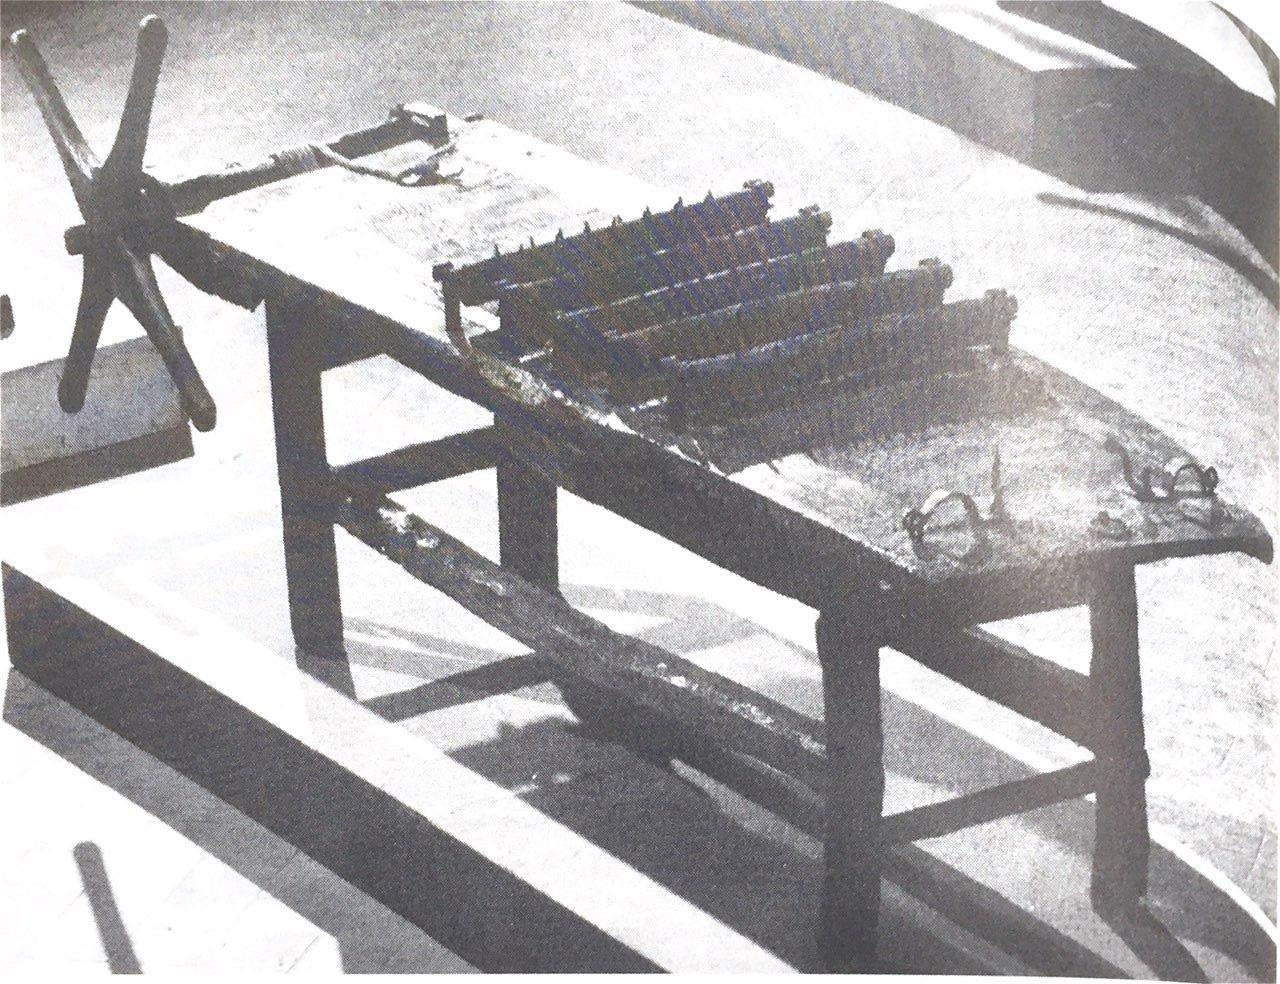 拷問台001